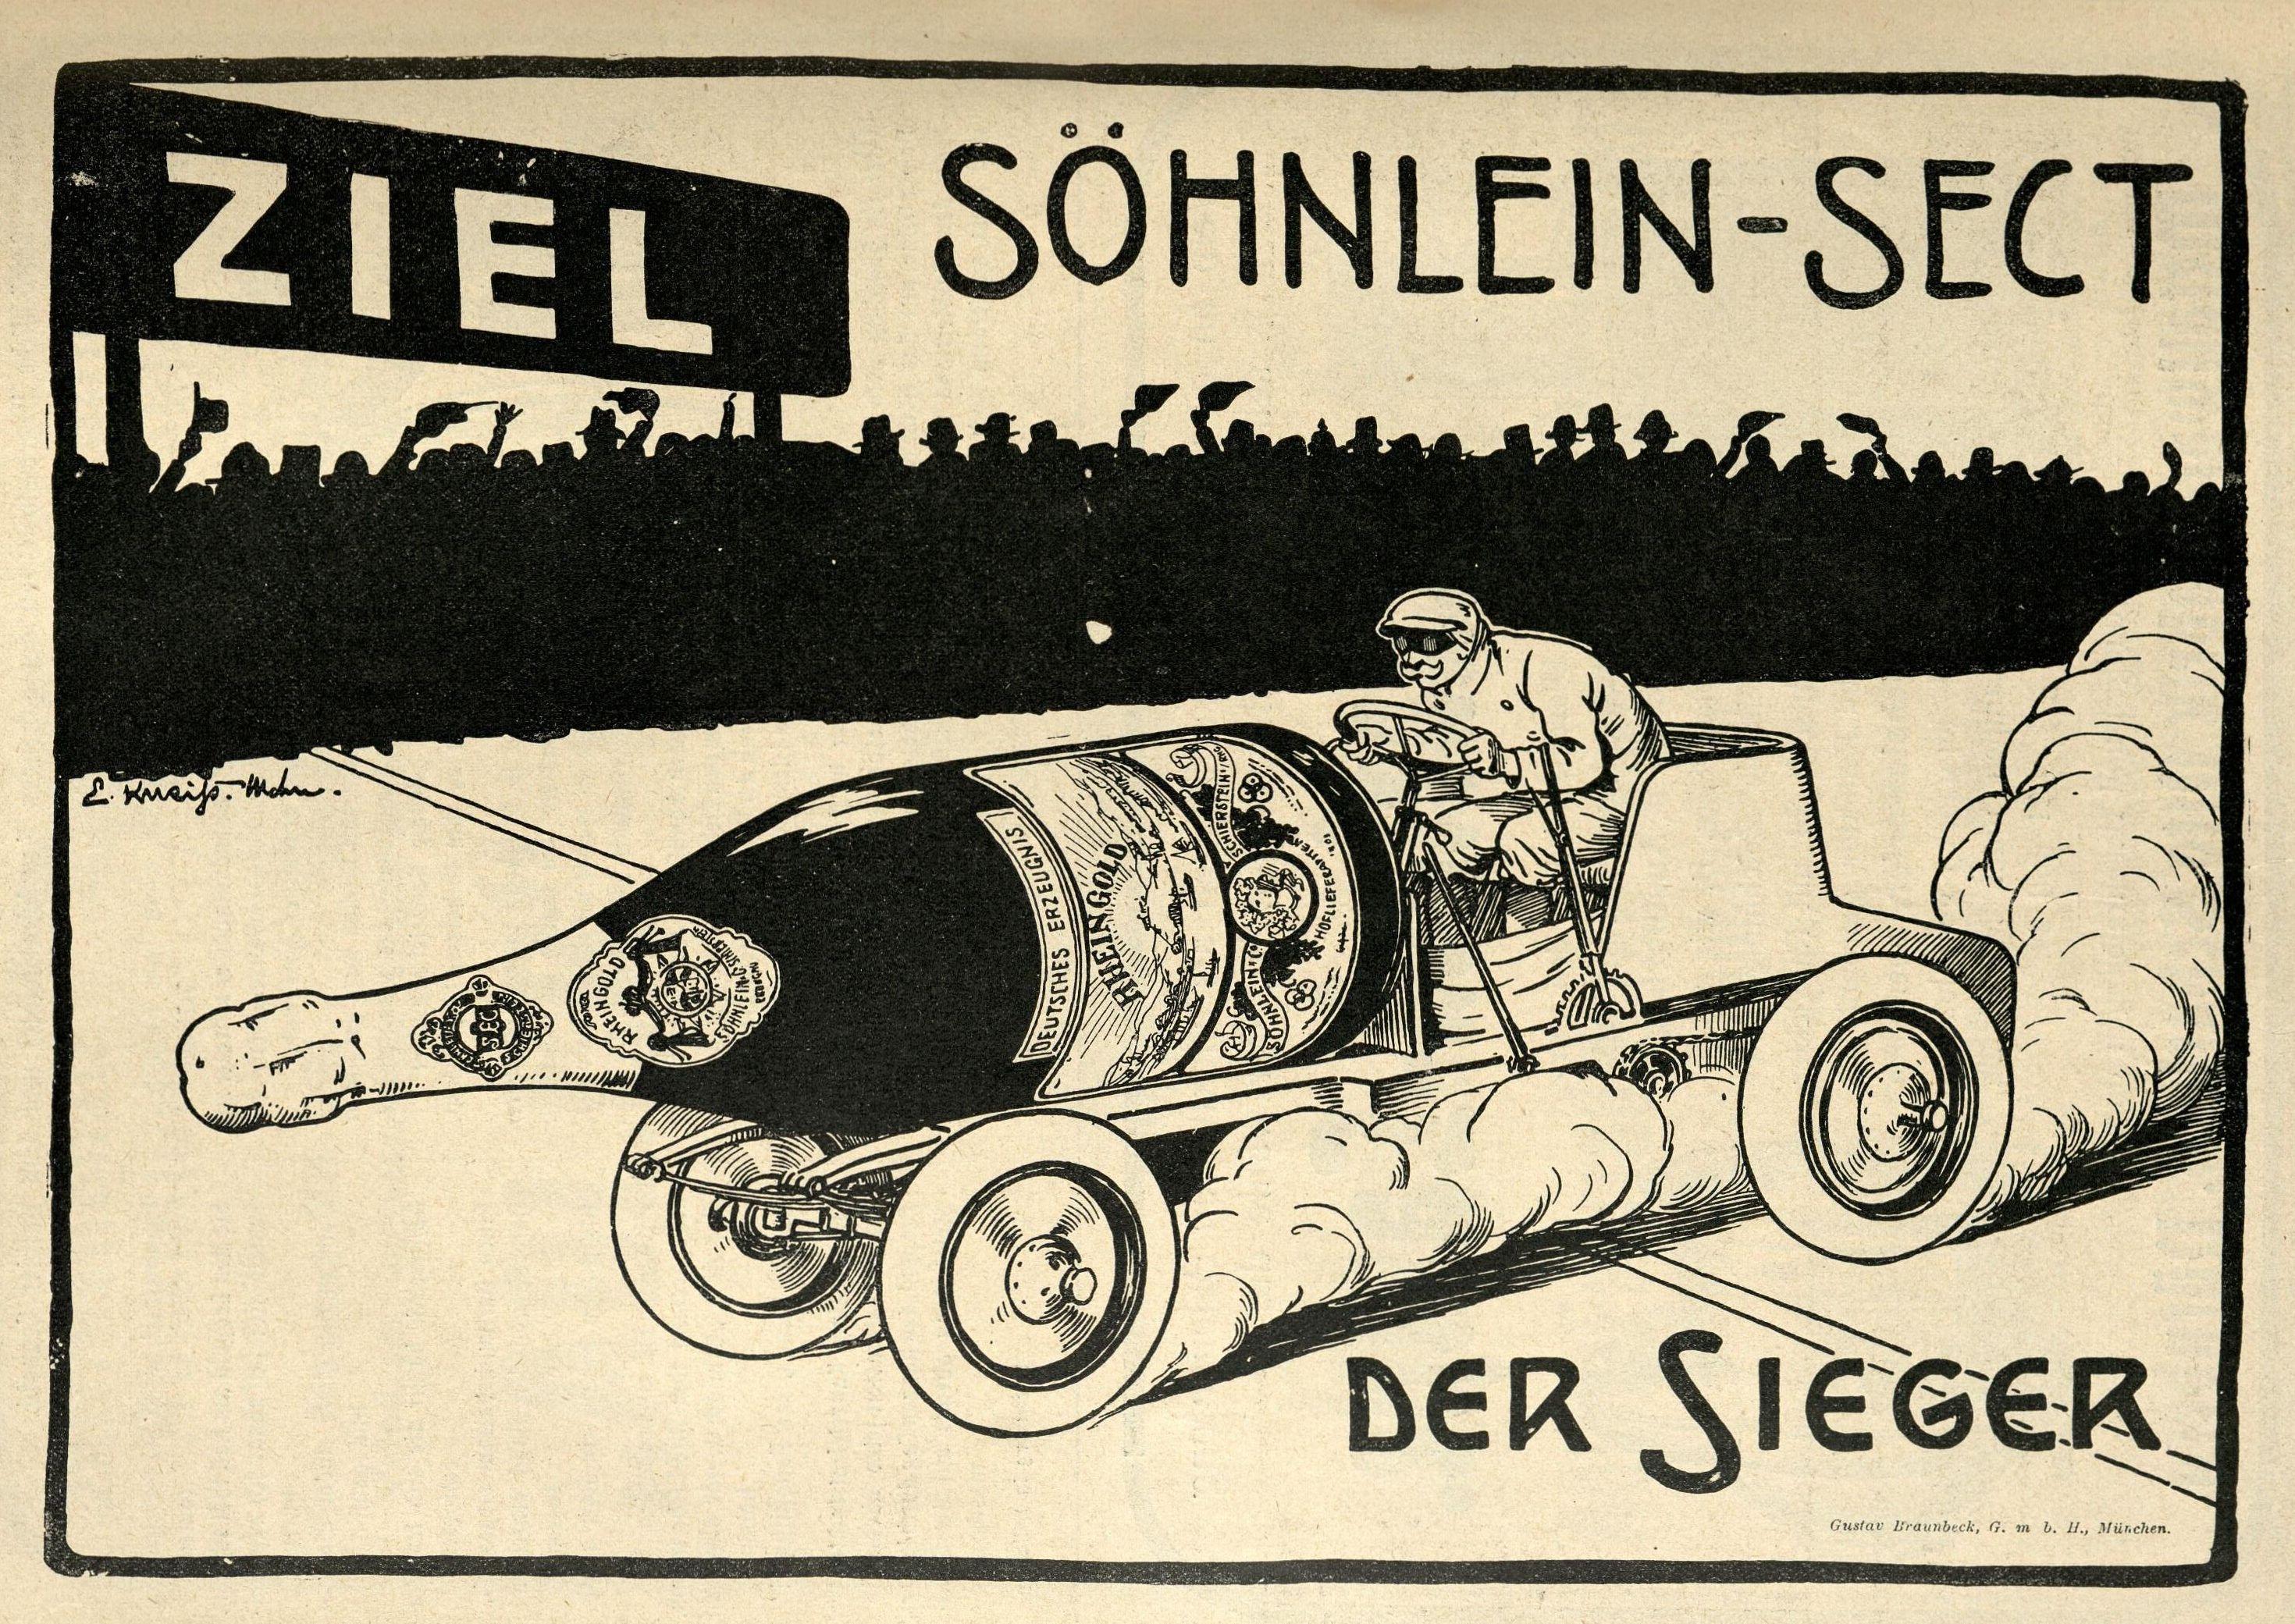 Reklame für Söhnlein-Sect